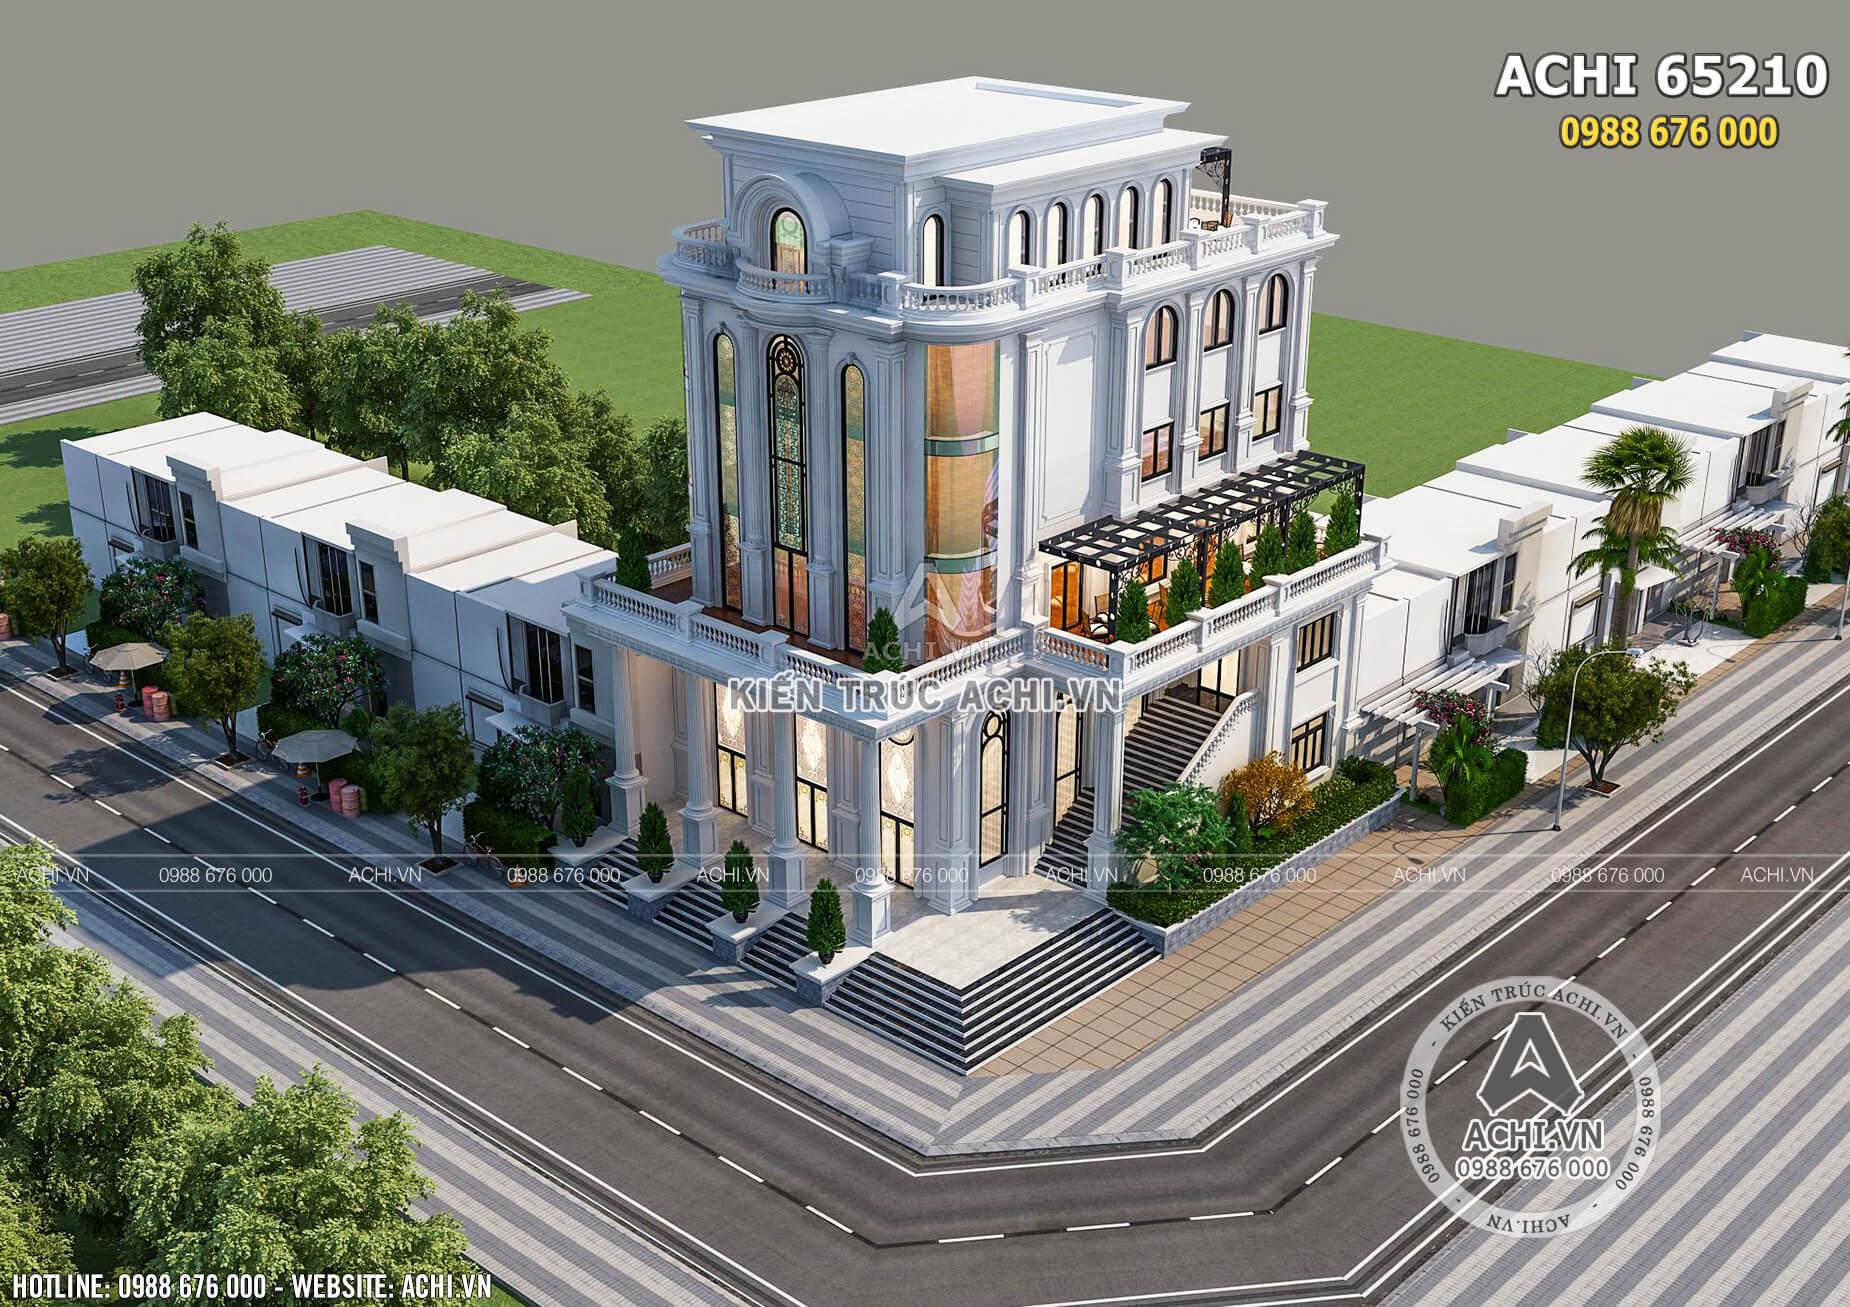 Mẫu thiết kế nhà hàng trung tâm tiệc cưới nhìn từ trên cao